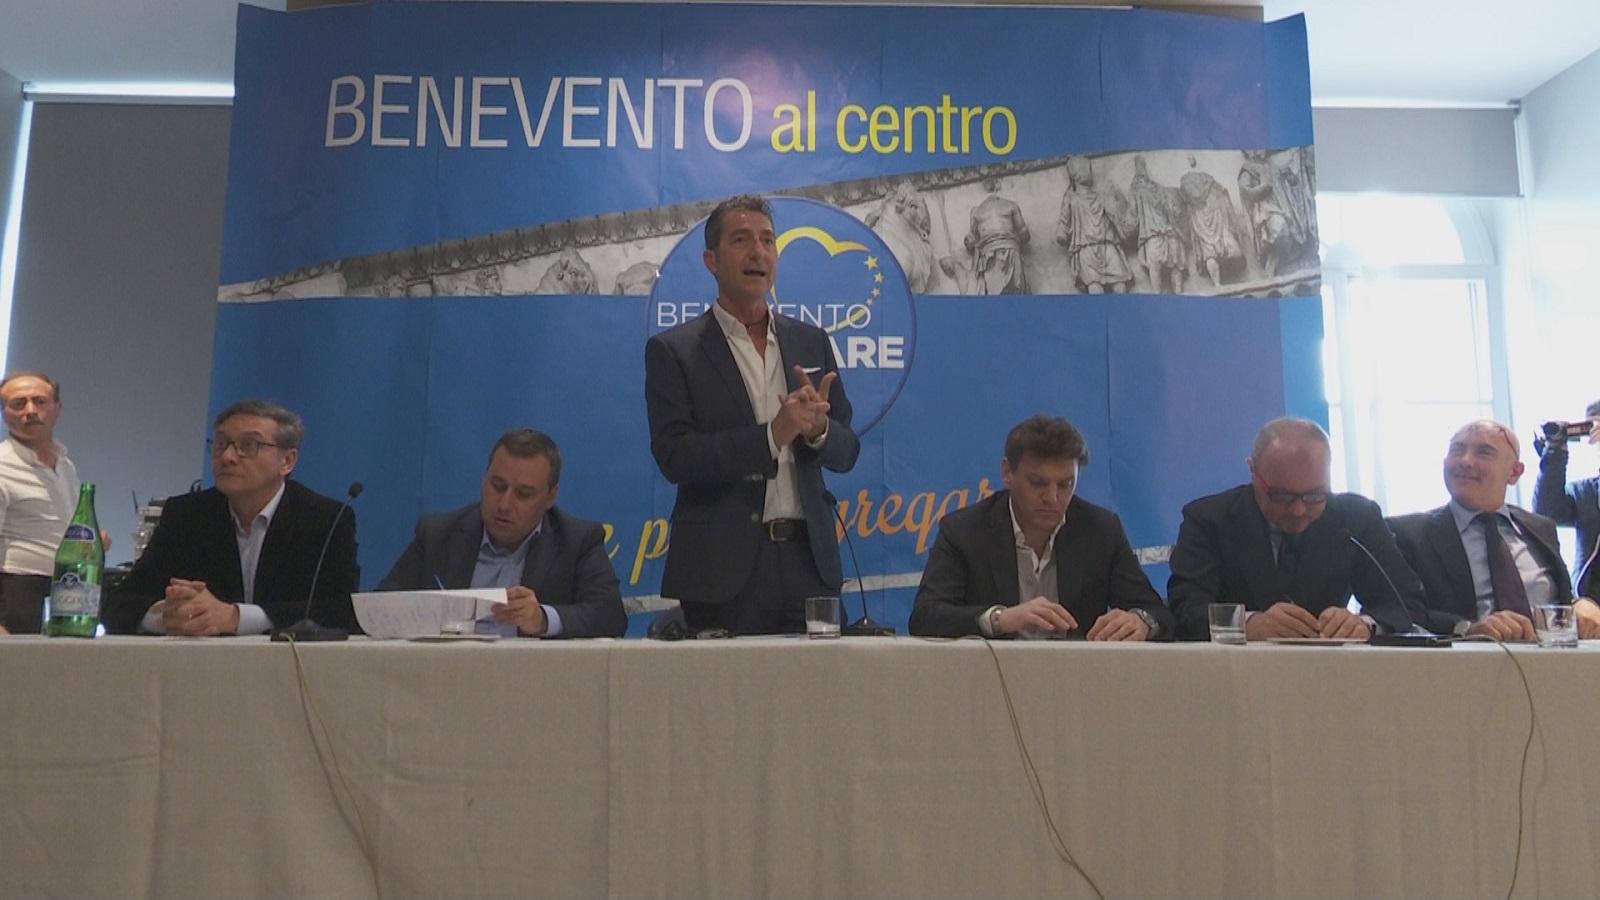 Elezioni, Santamaria: con Del Vecchio per cambiare Benevento